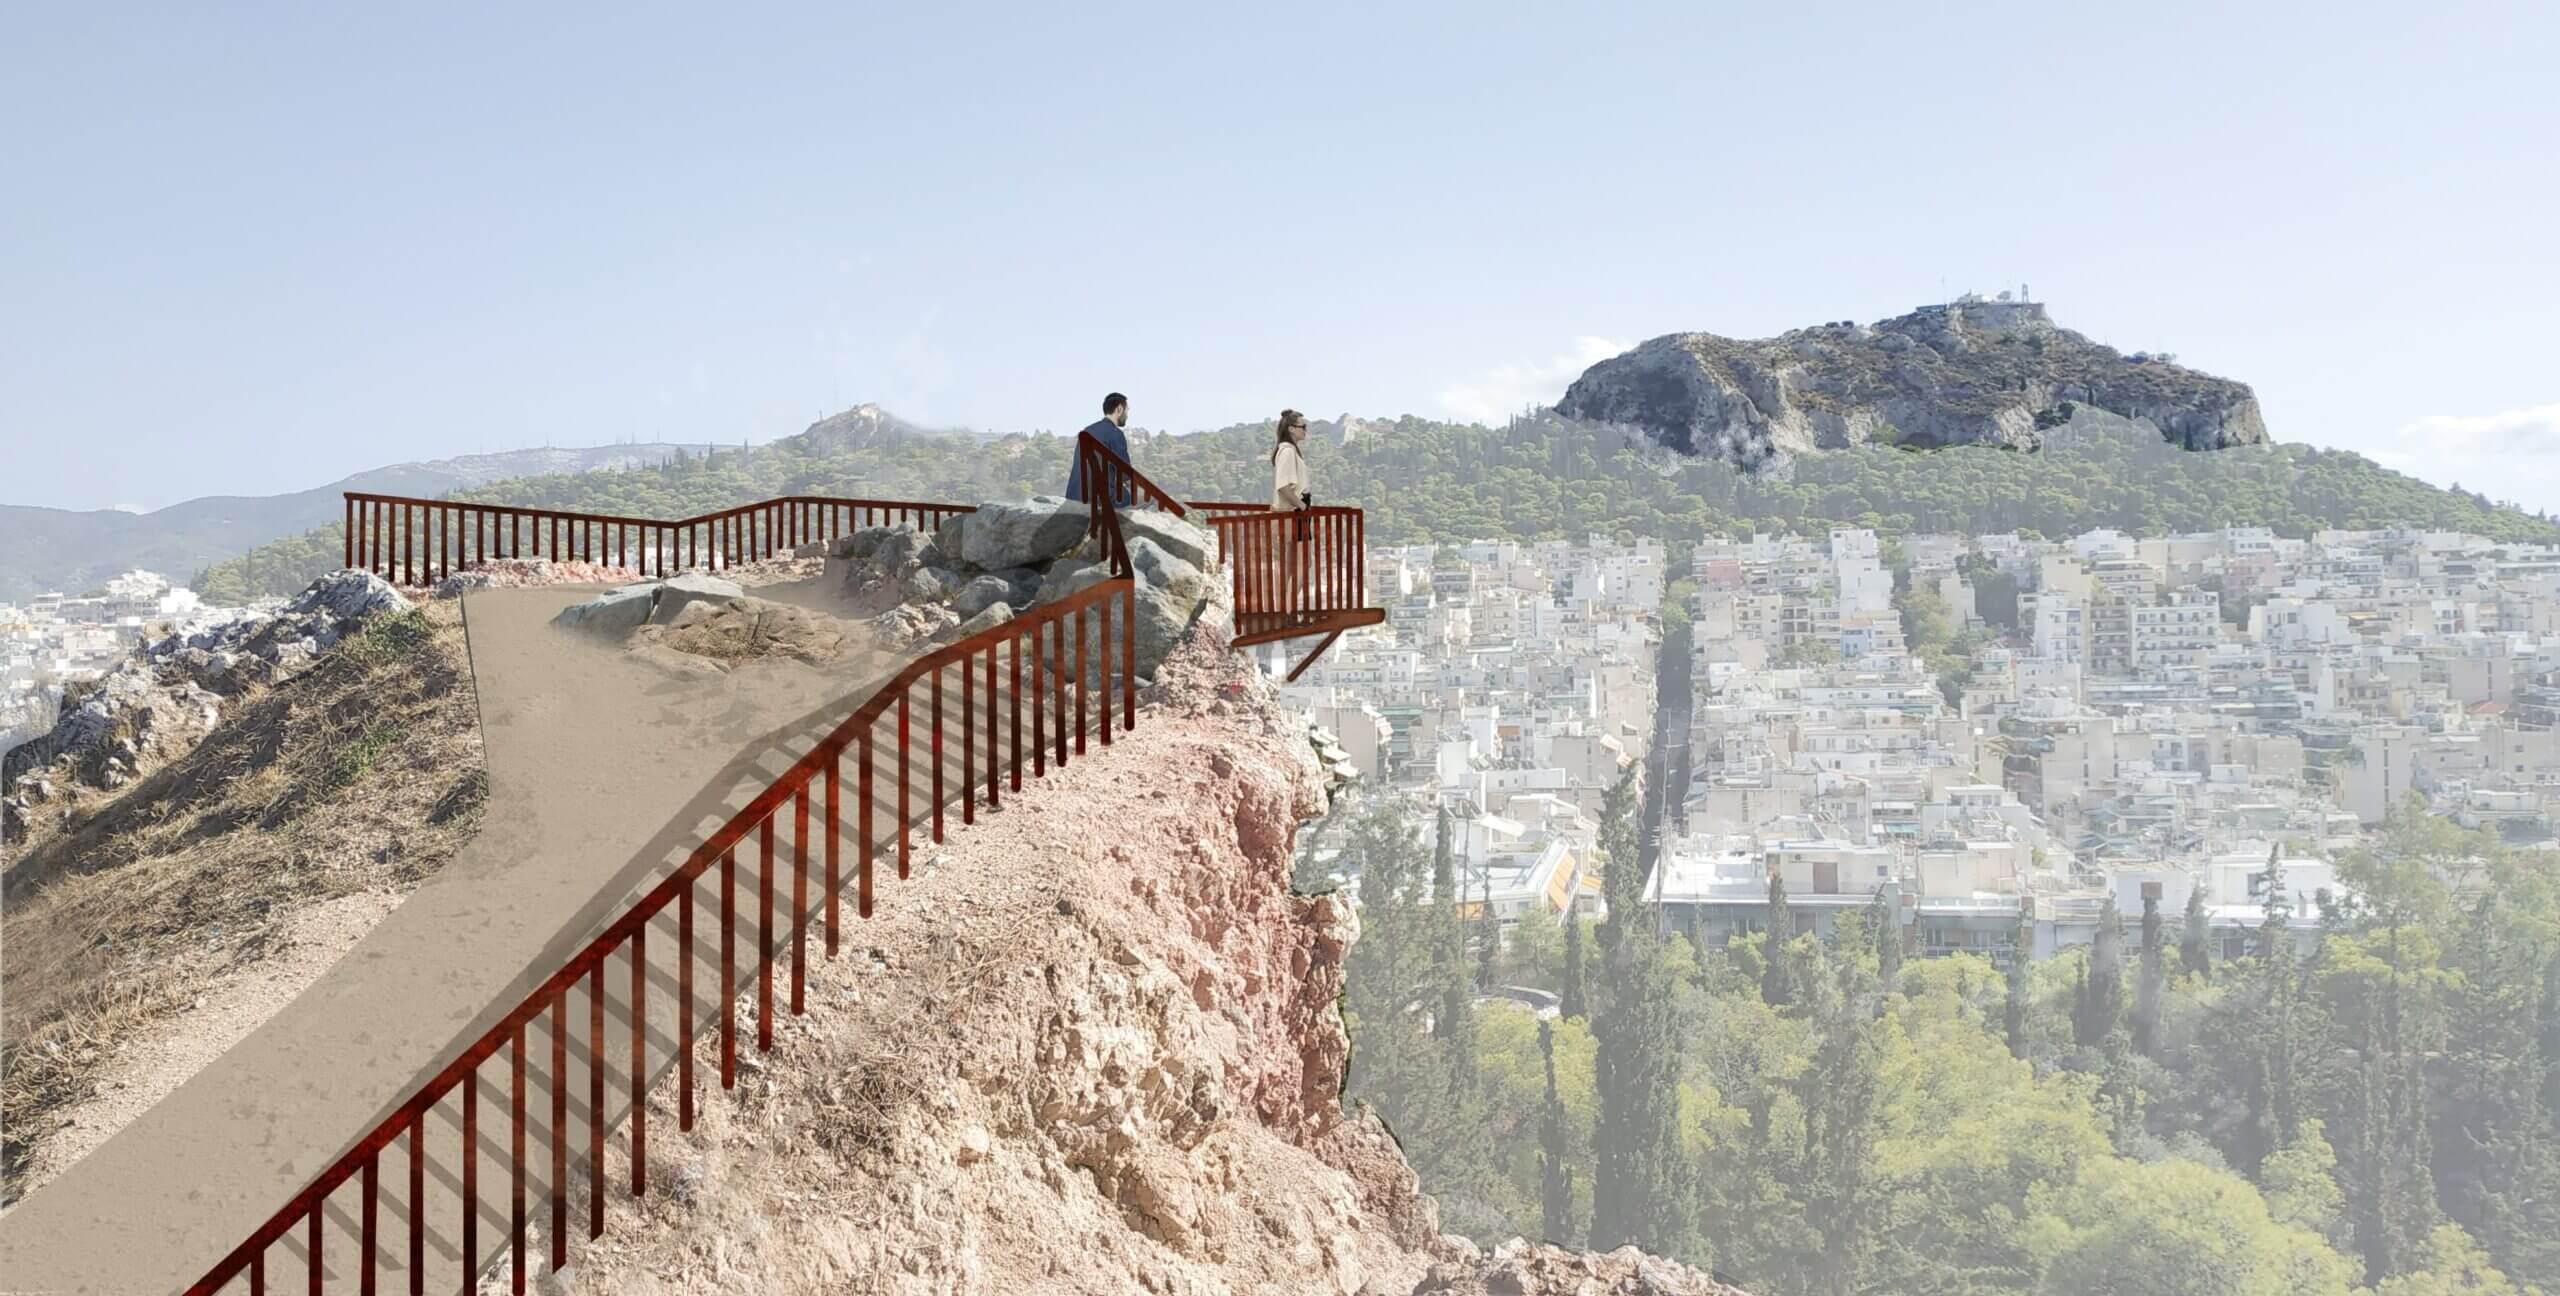 Ο λόφος του Στρέφη ξαναγίνεται τόπος περιπάτου και αναψυχής (ΦΩΤΟ)